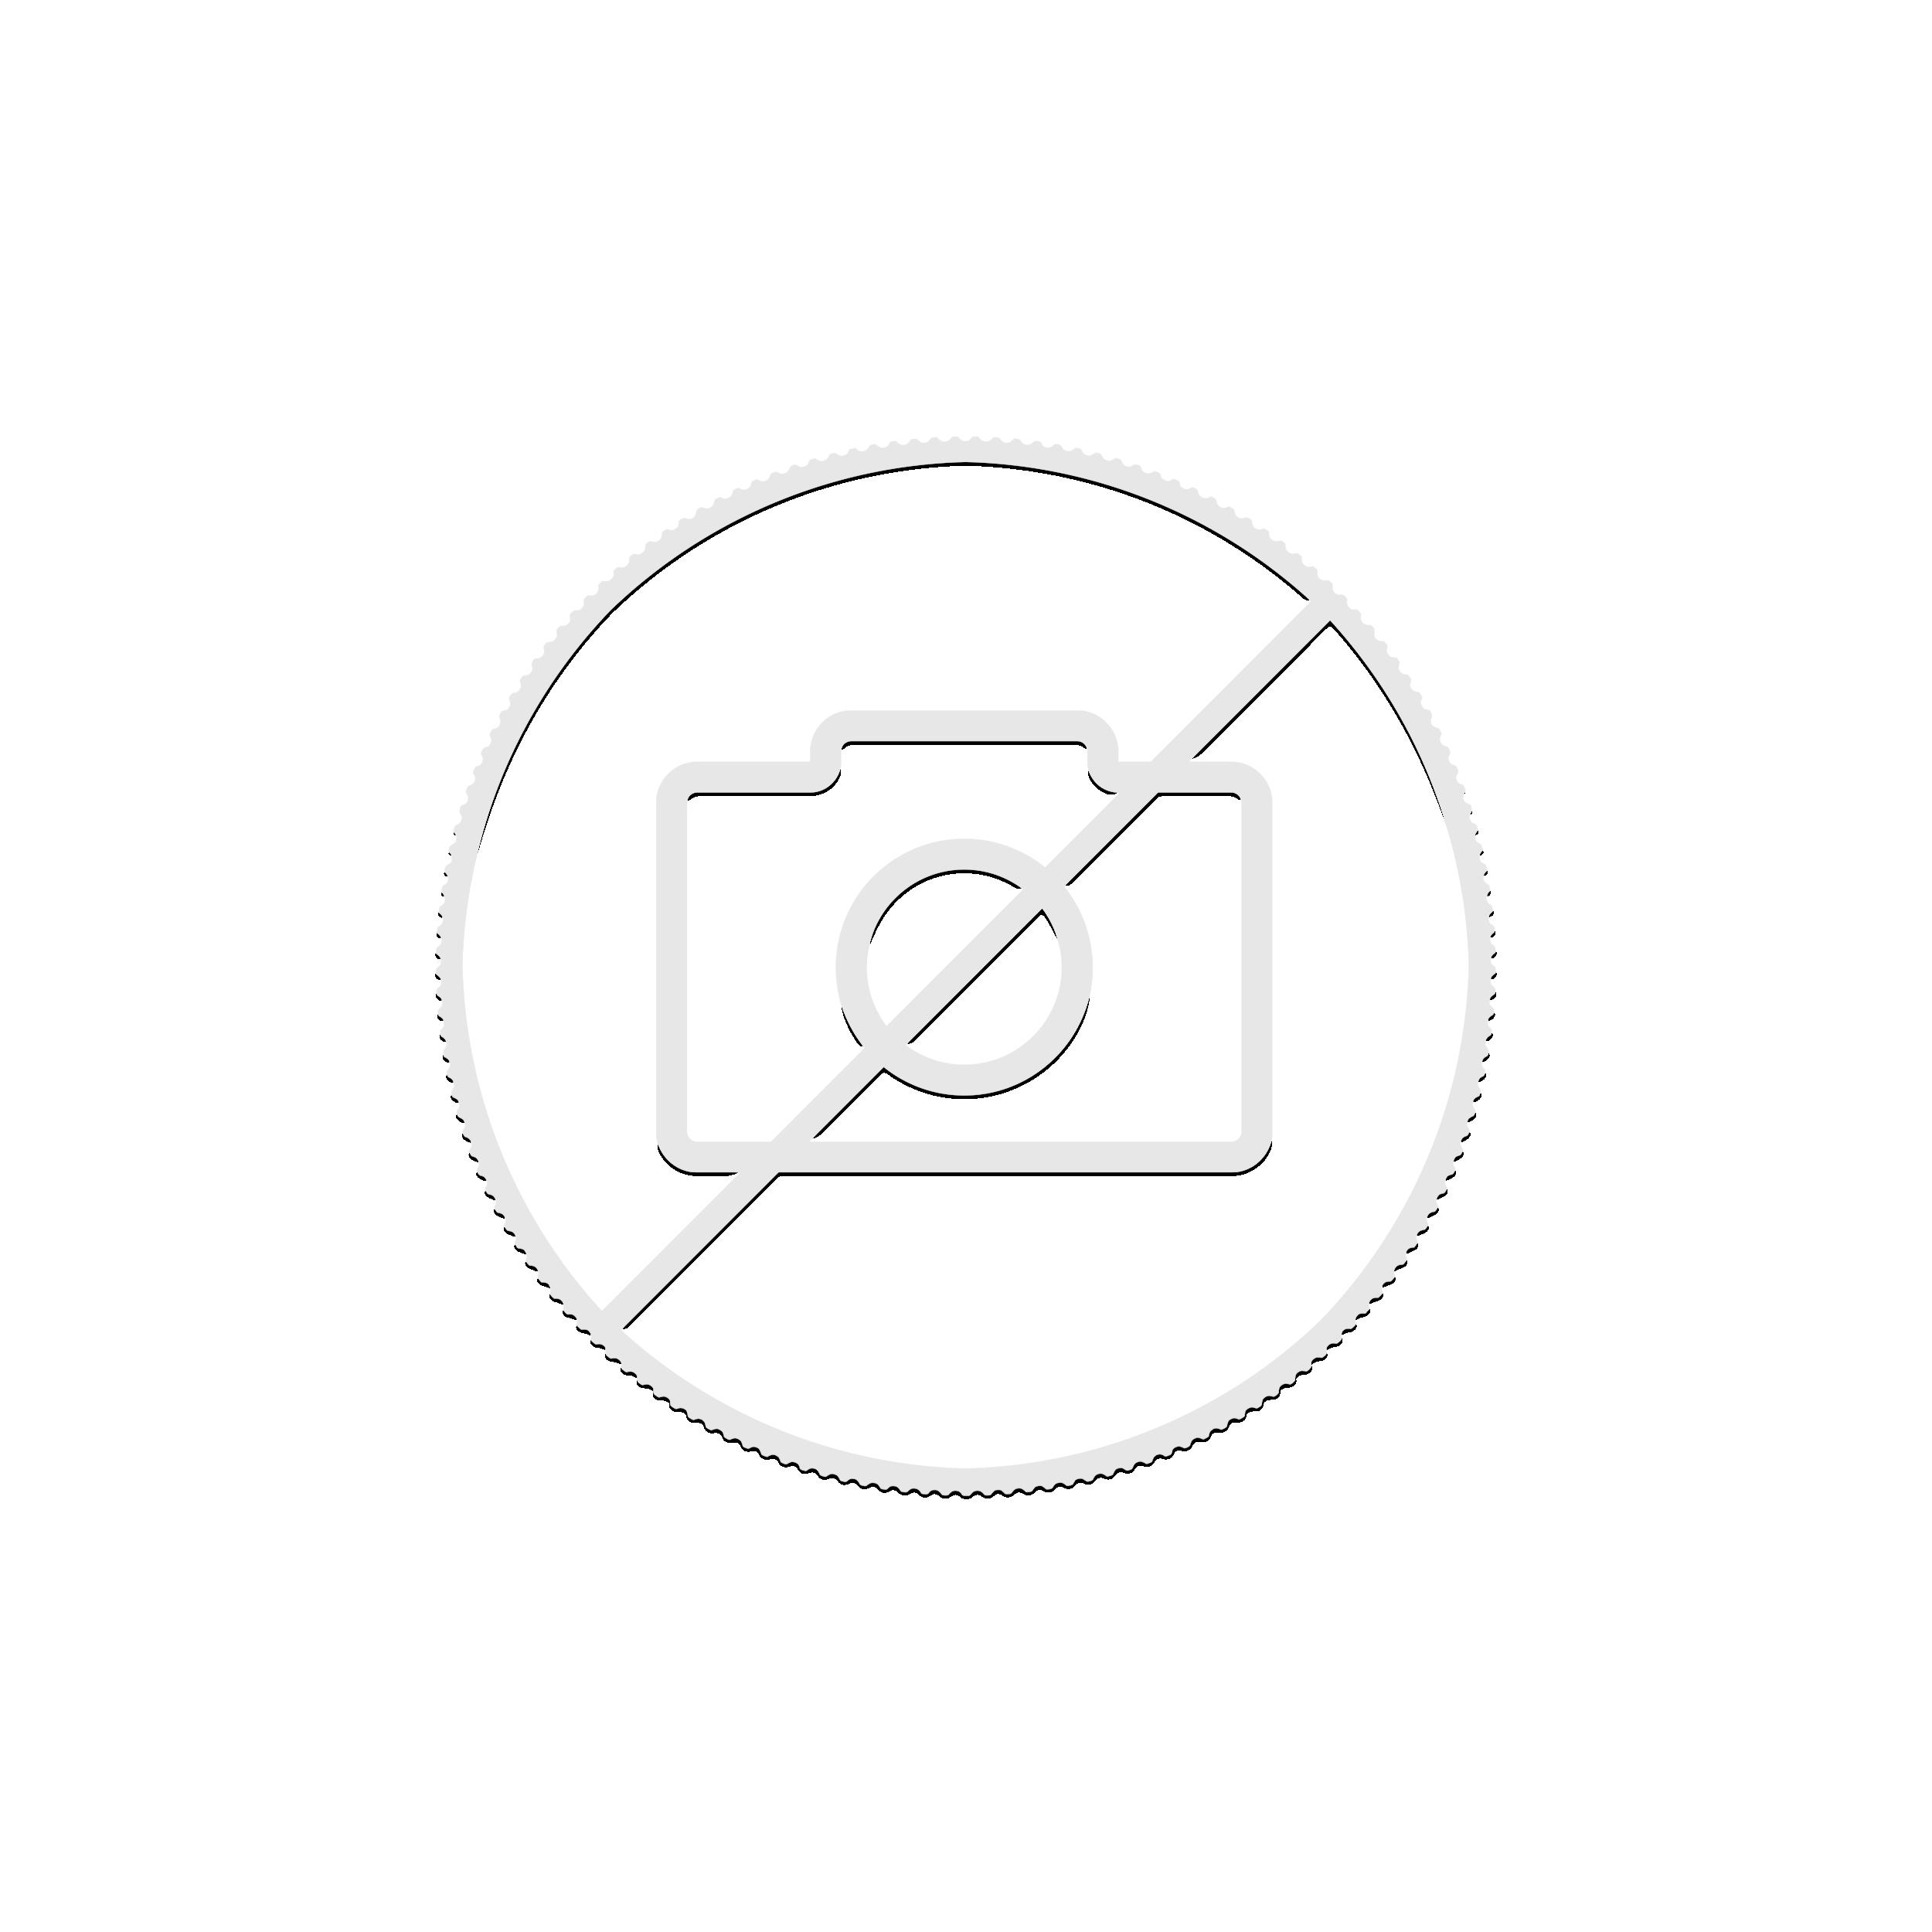 5 Troy ounce zilveren Lunar munt 2018 - het jaar van de hond Queen Elizabeth